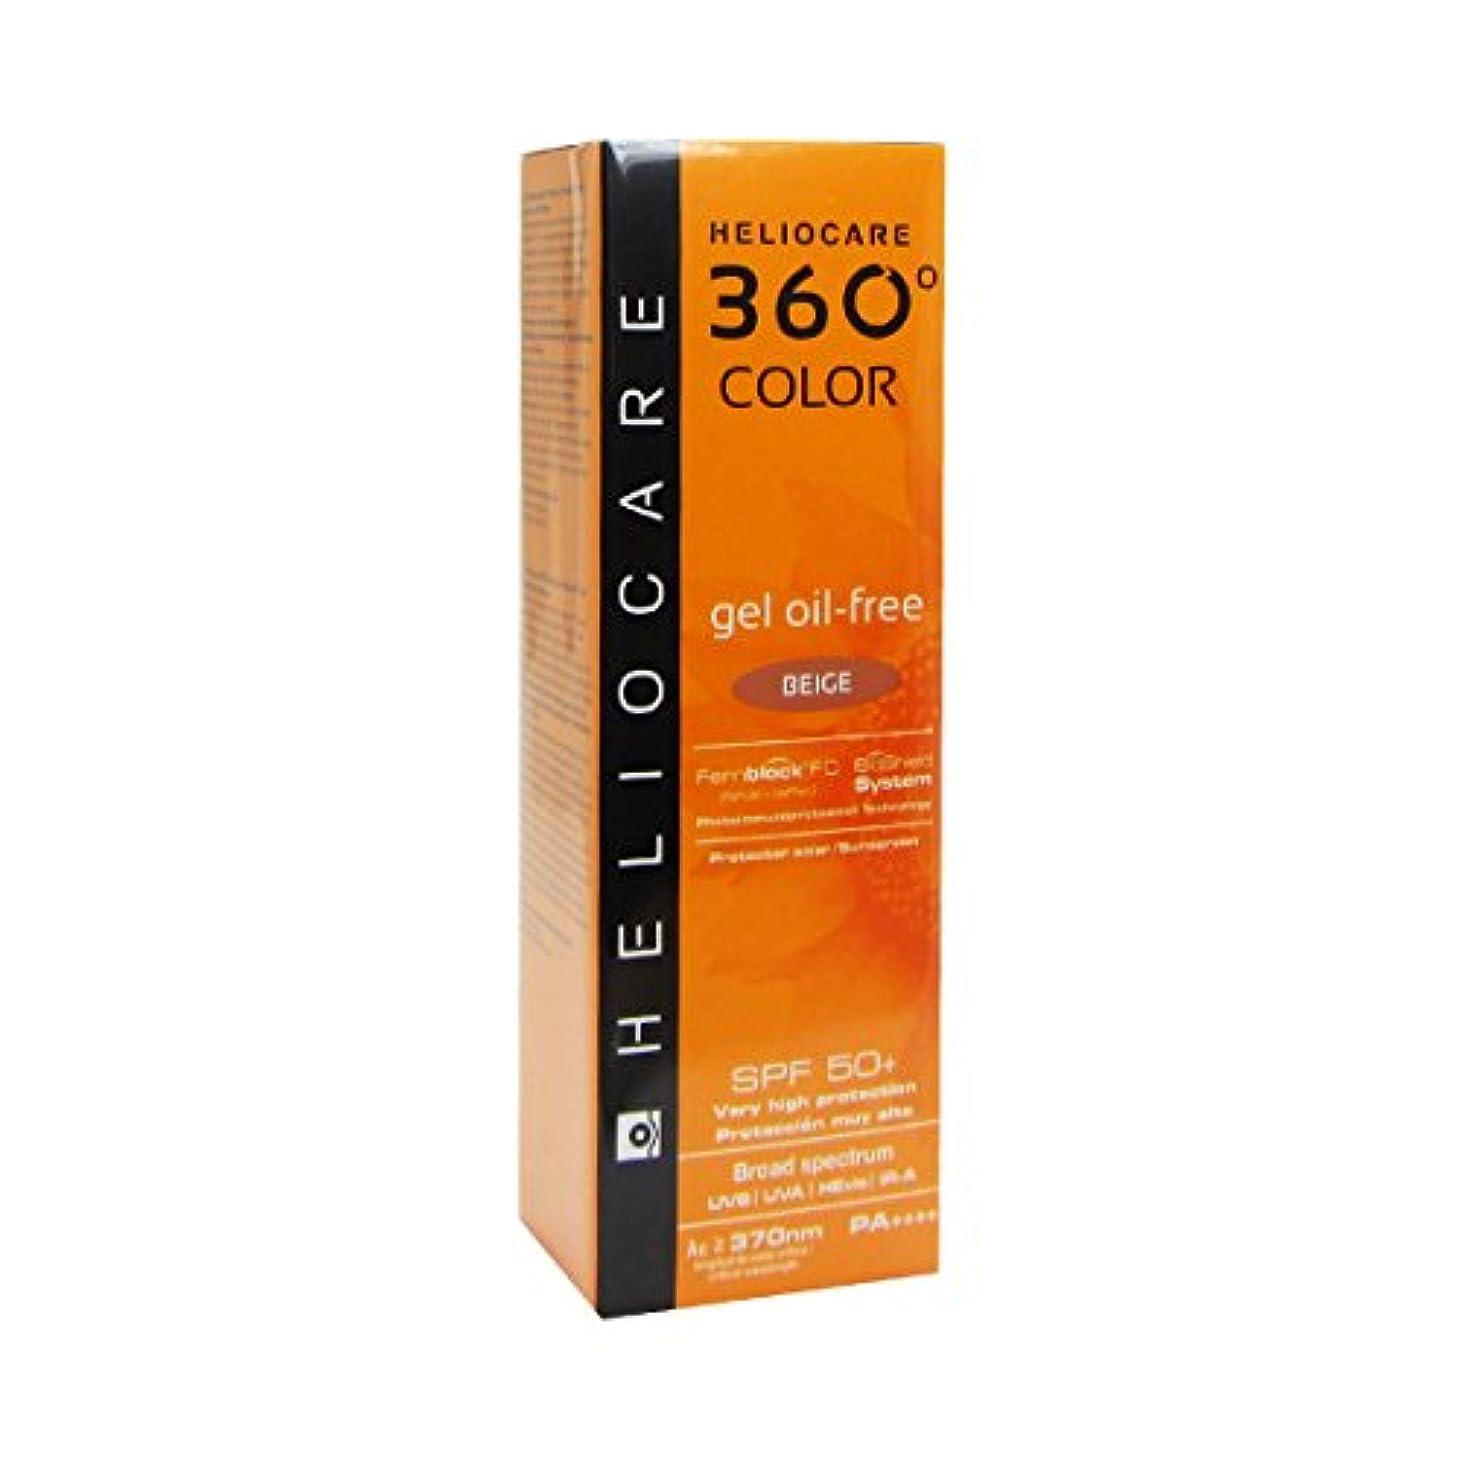 その後進化する内陸Heliocare 360 Gel-color Oil-free Spf50 Beige 50ml [並行輸入品]